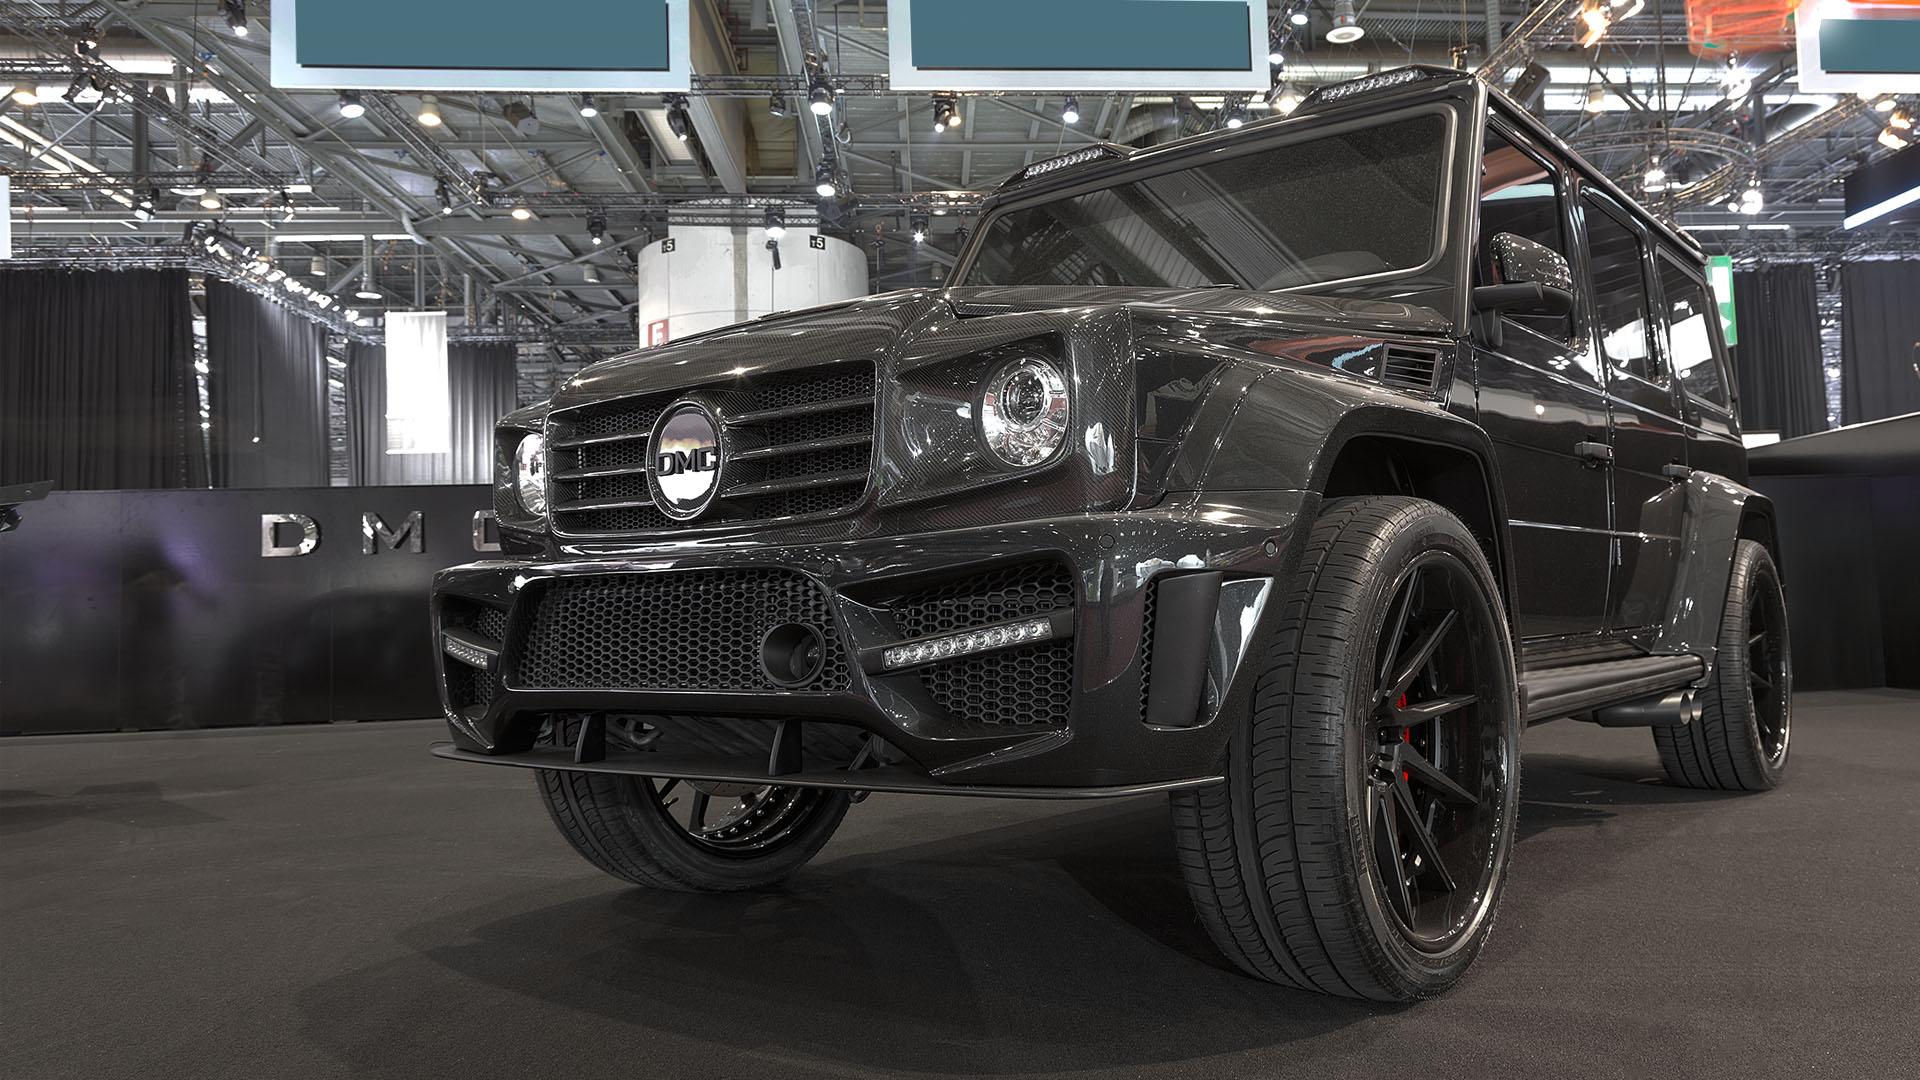 The 2016 DMC Mercedes G63